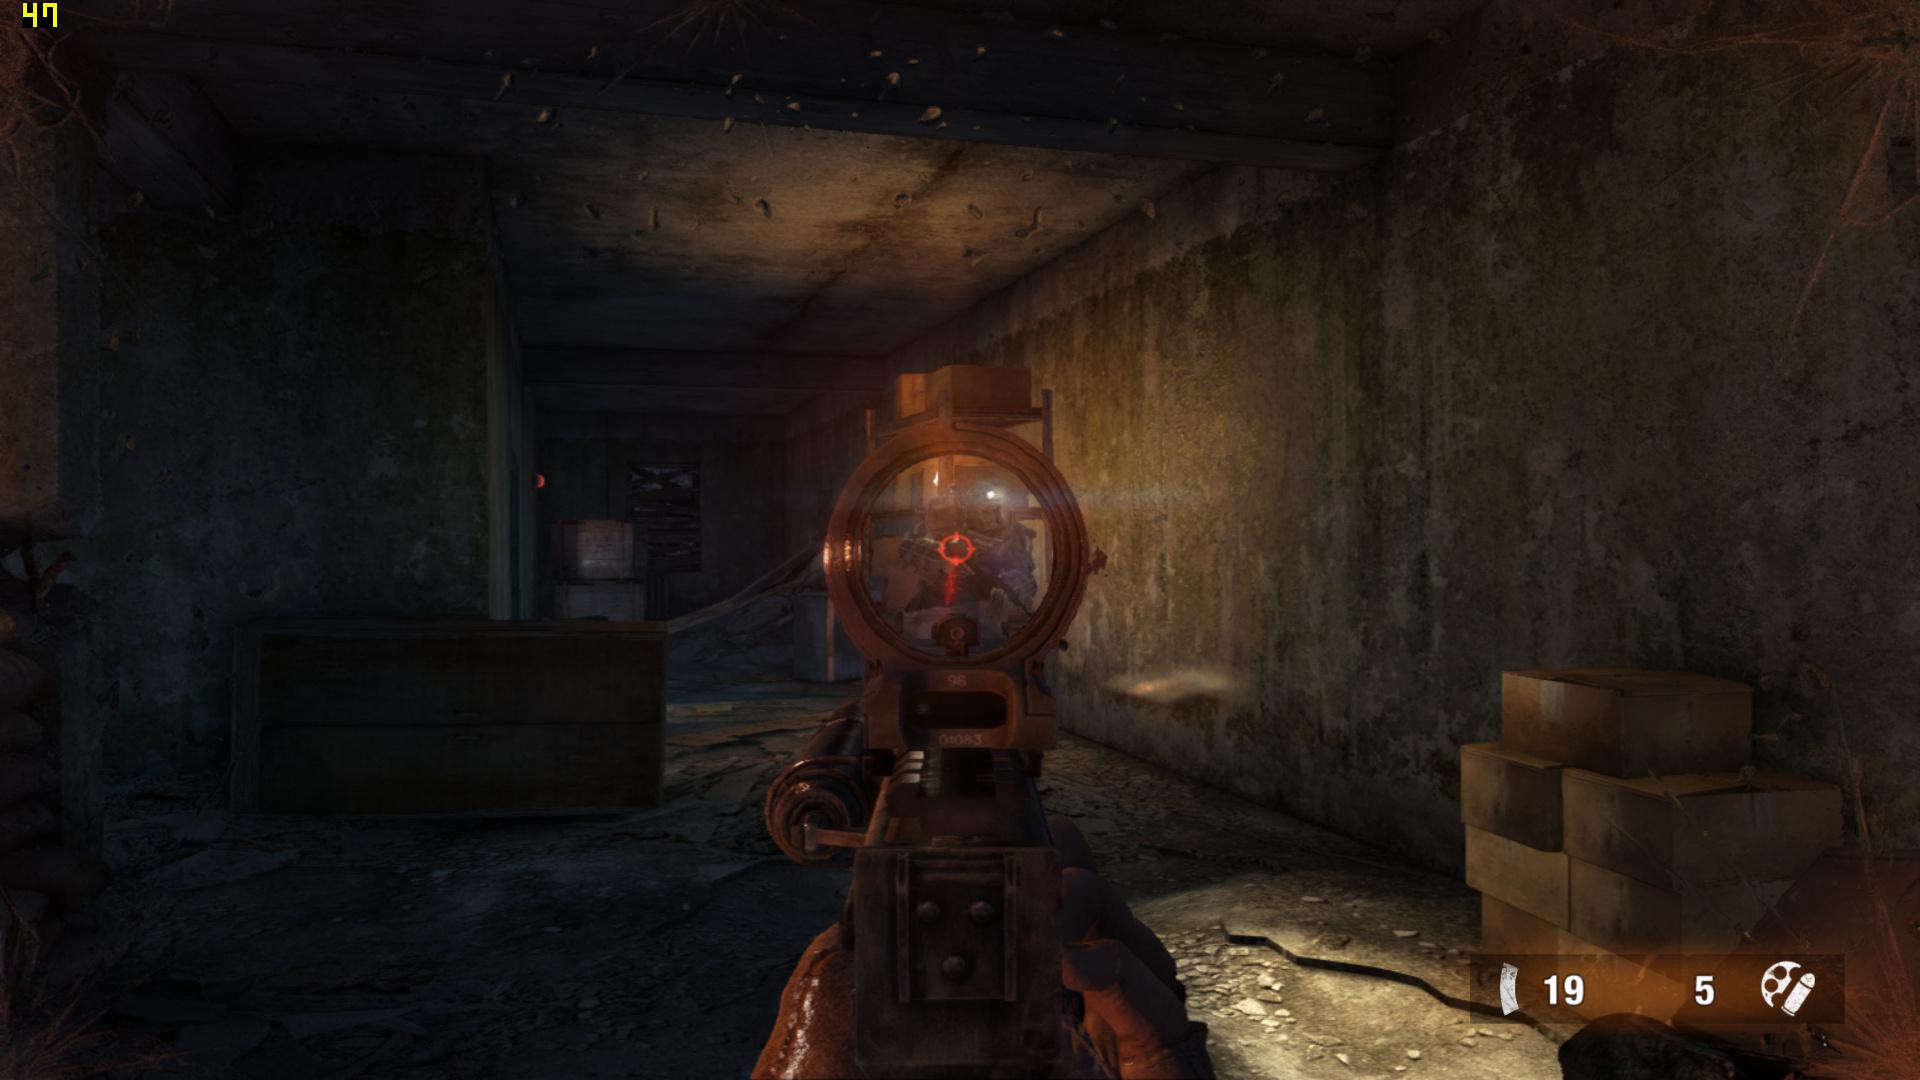 Mini-PC Skull Canyon im Test: Totenkopf-NUC mal nicht von ihren Treibern ermordet - Metro Last Light Redux in 1080p auf dem Skull Canyon (Screenshot: Marc Sauter/Golem.de)